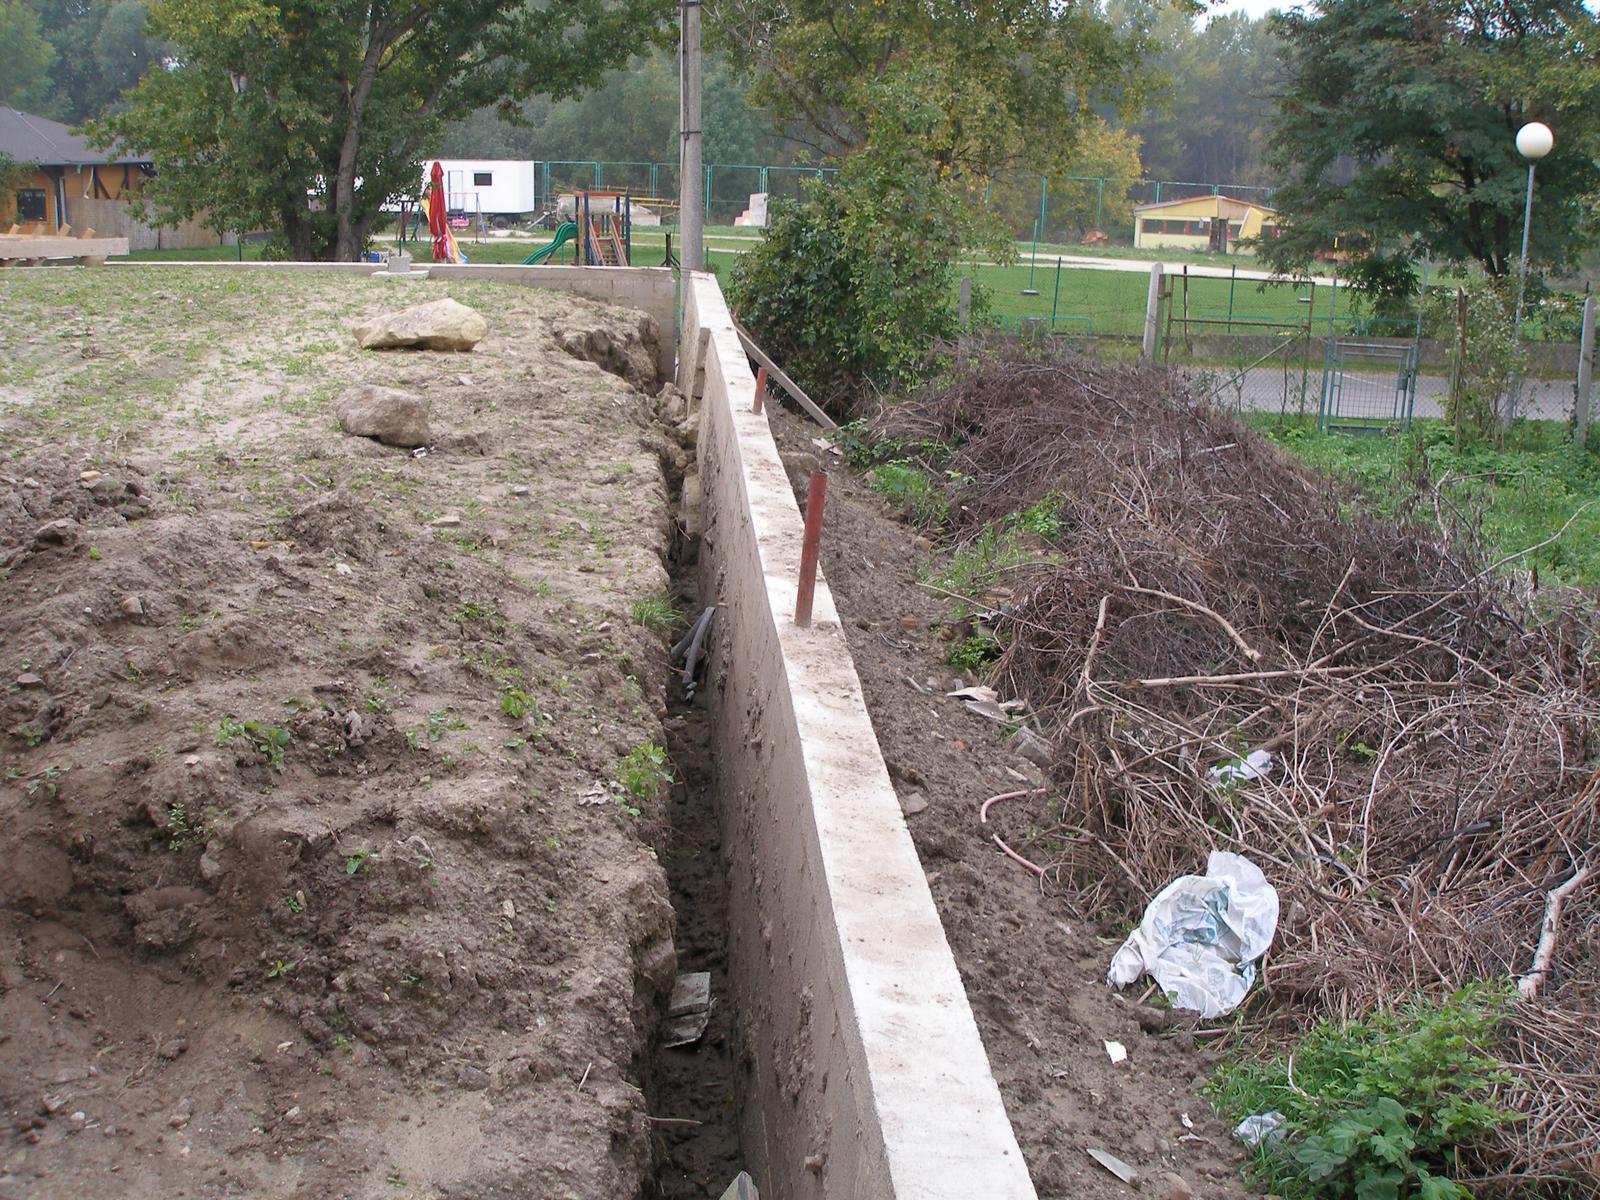 03 Poruchy a havárie oporných múrov. ( doplnené 12.6.2020 ) - 002...Na zabránenie úplného zrútenia múru bola odkopaná zemina z rubu múru vyhádzaná na druhú stranu. BA - Devín 2006.